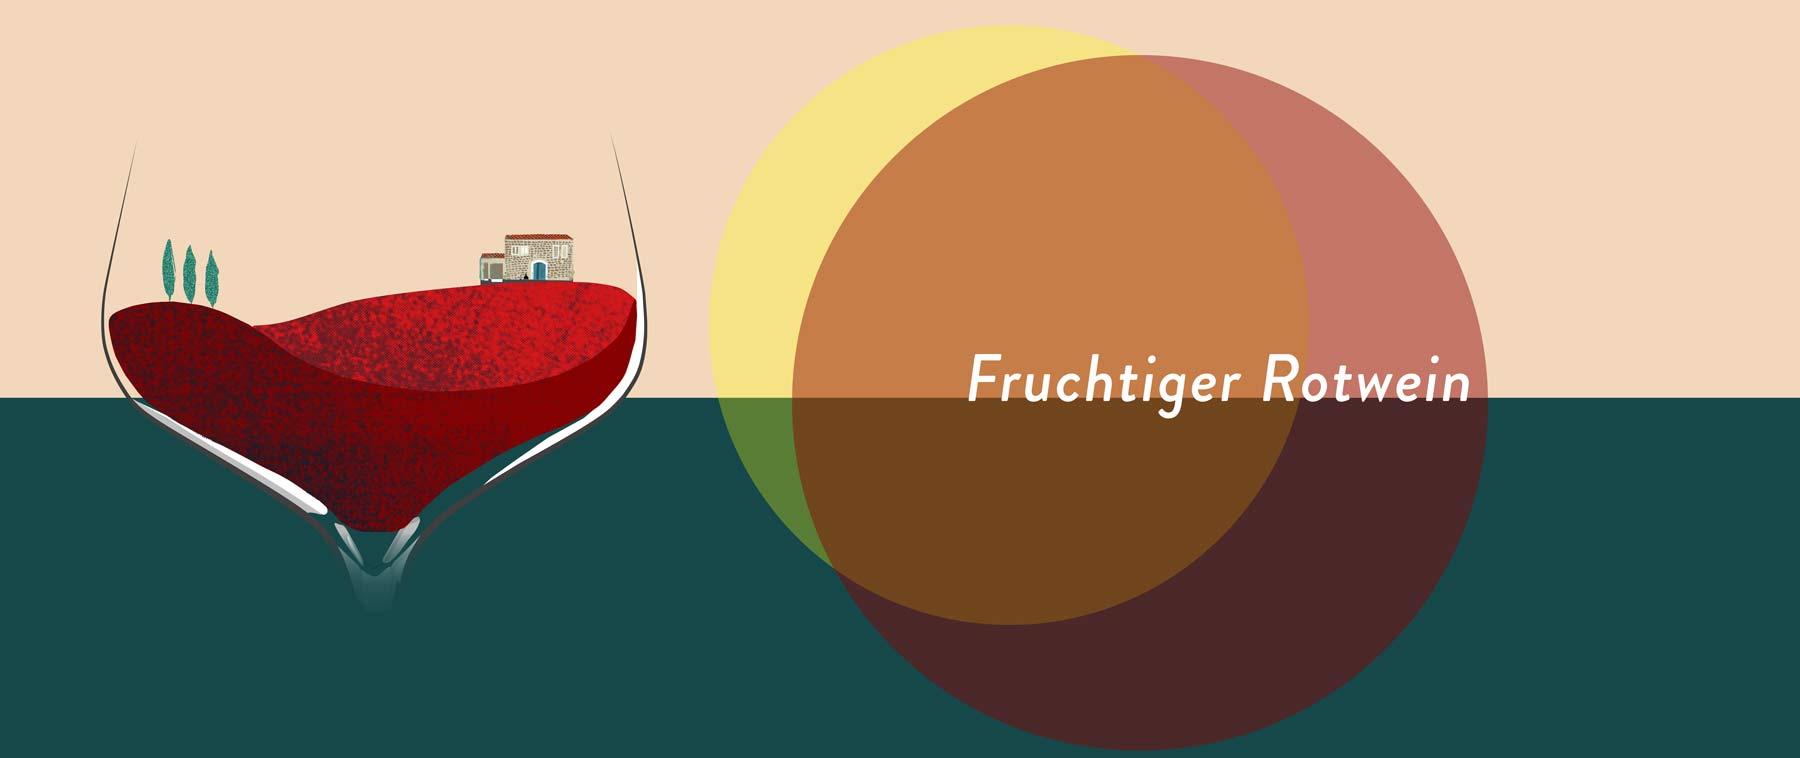 Gebratener oder gegrillter Fisch und Meeresfrüchte sind ideal für frische Rotweine ohne viel Tannin